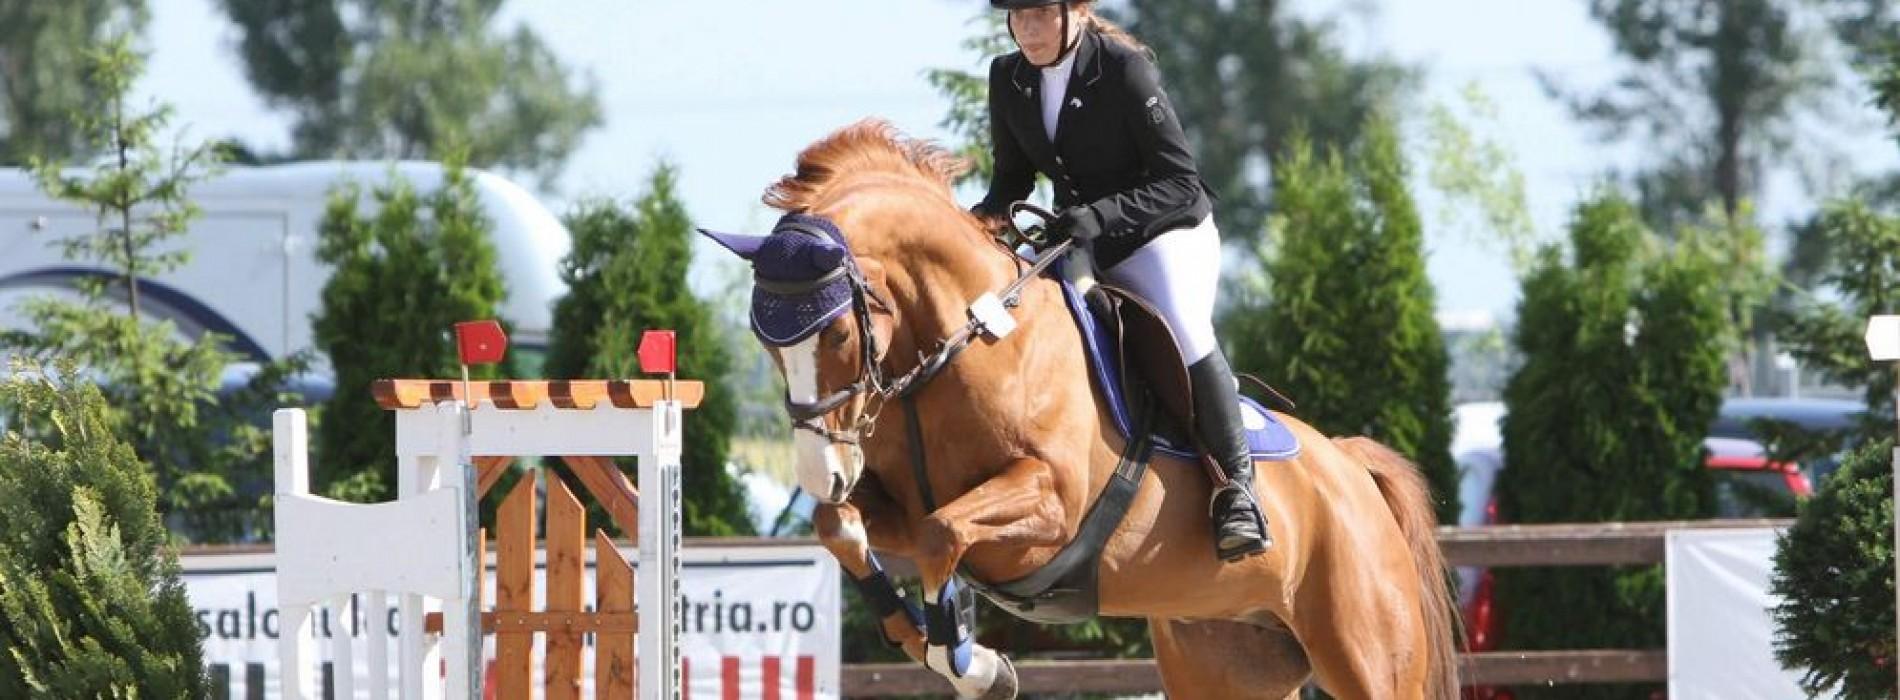 50 de cai înscriși la Cupa României la Dresaj